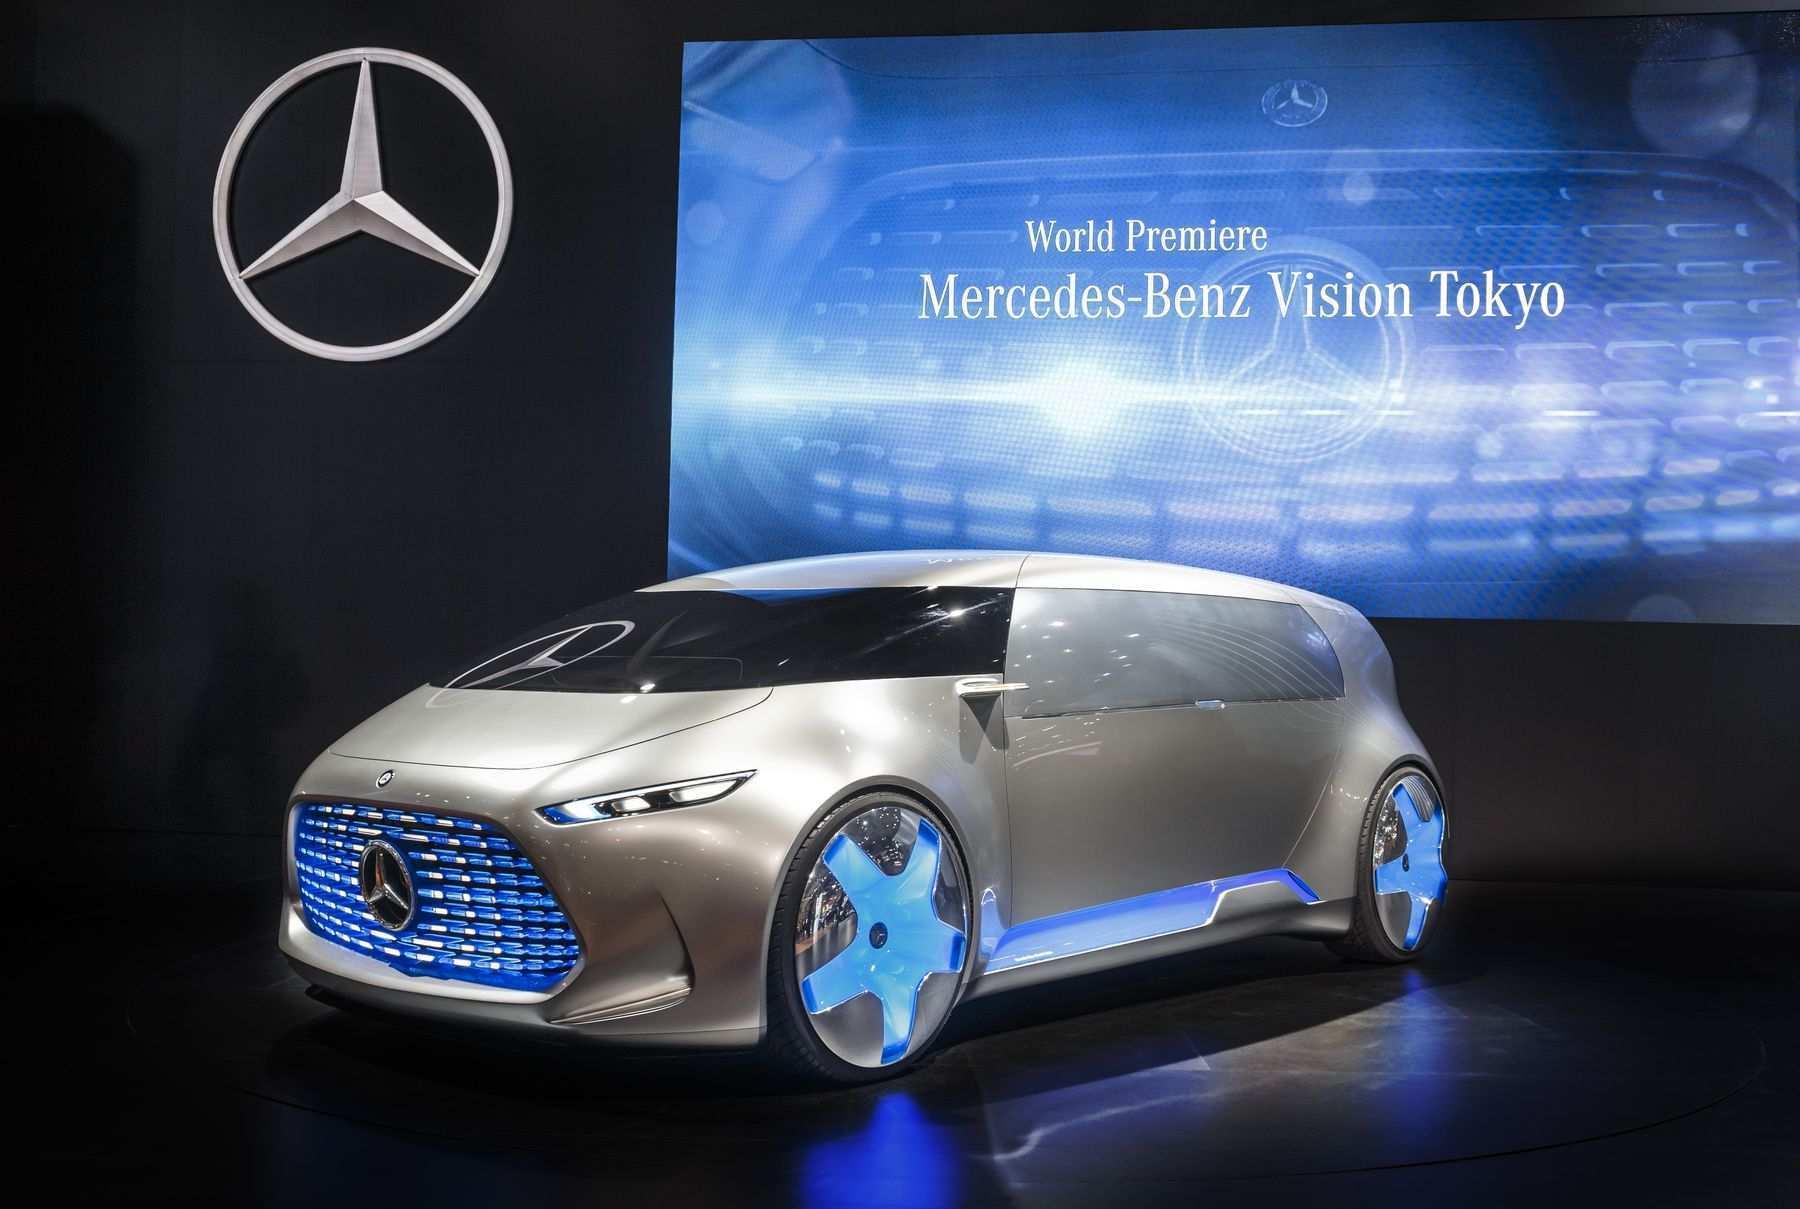 55 New Mercedes New Conceptlen 2020 Photos with Mercedes New Conceptlen 2020